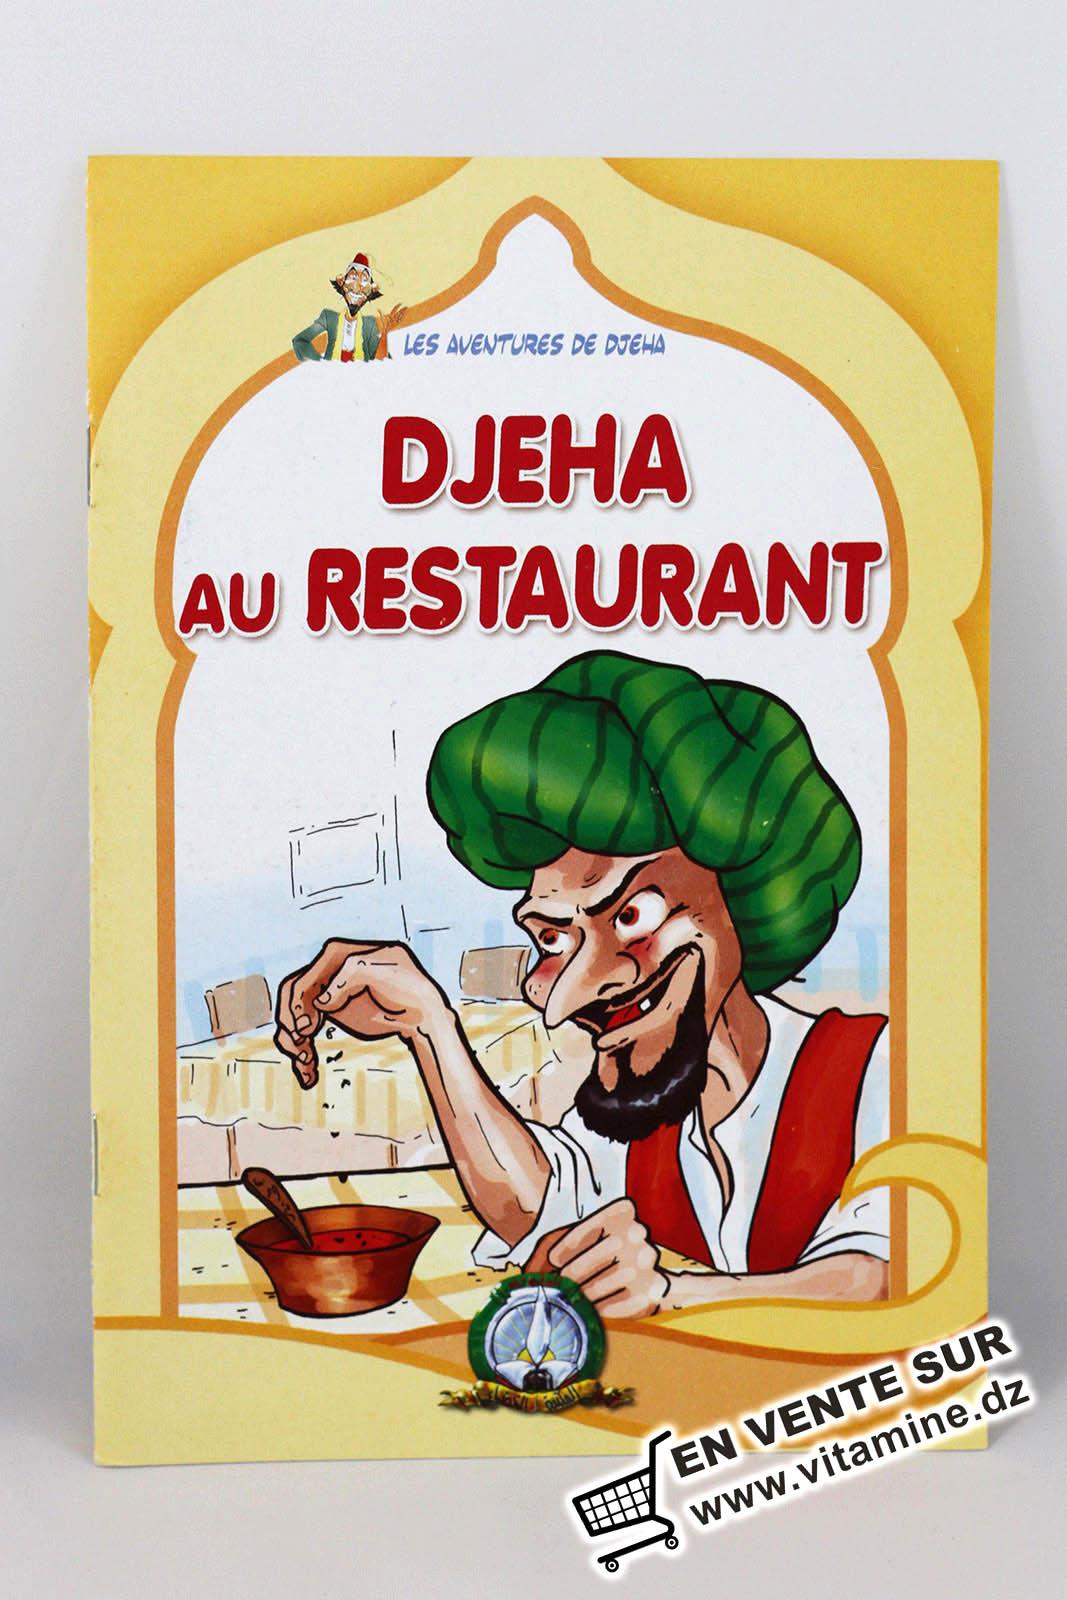 Les aventures de Djeha - Djeha au restaurant